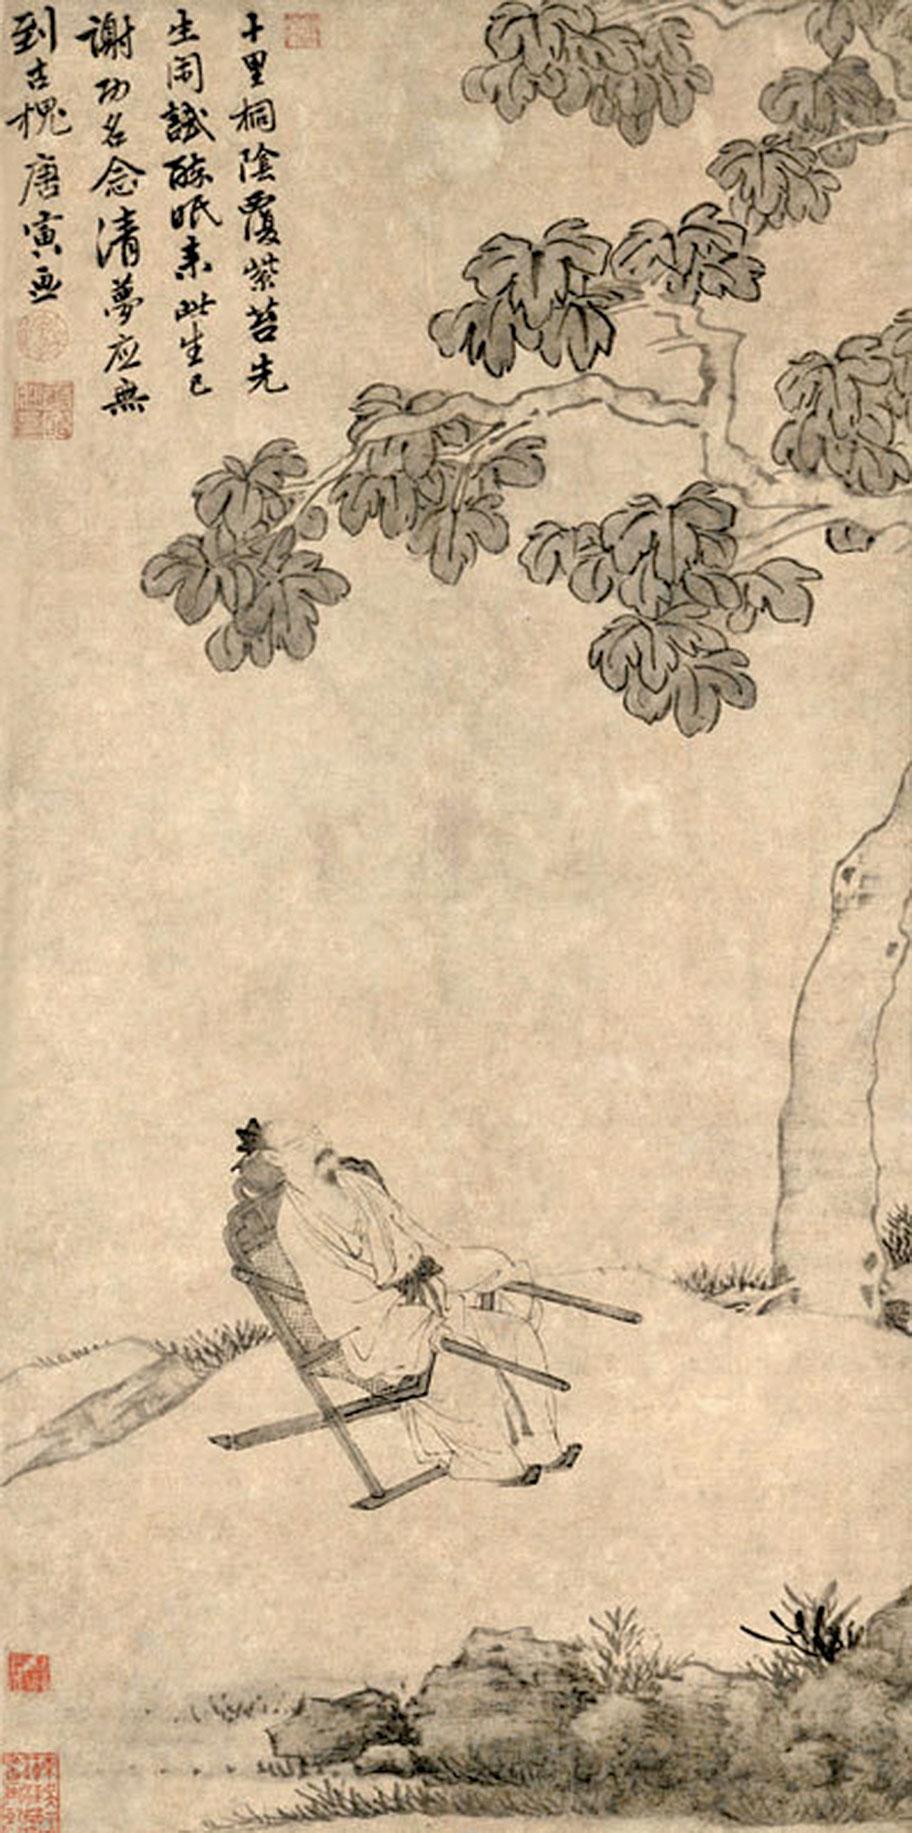 一天夜裡,席天祐夢到一個禿頭老翁為他的徒弟們求情,懇求饒命。圖為明朝唐寅〈桐陰清夢圖〉局部。(公有領域)